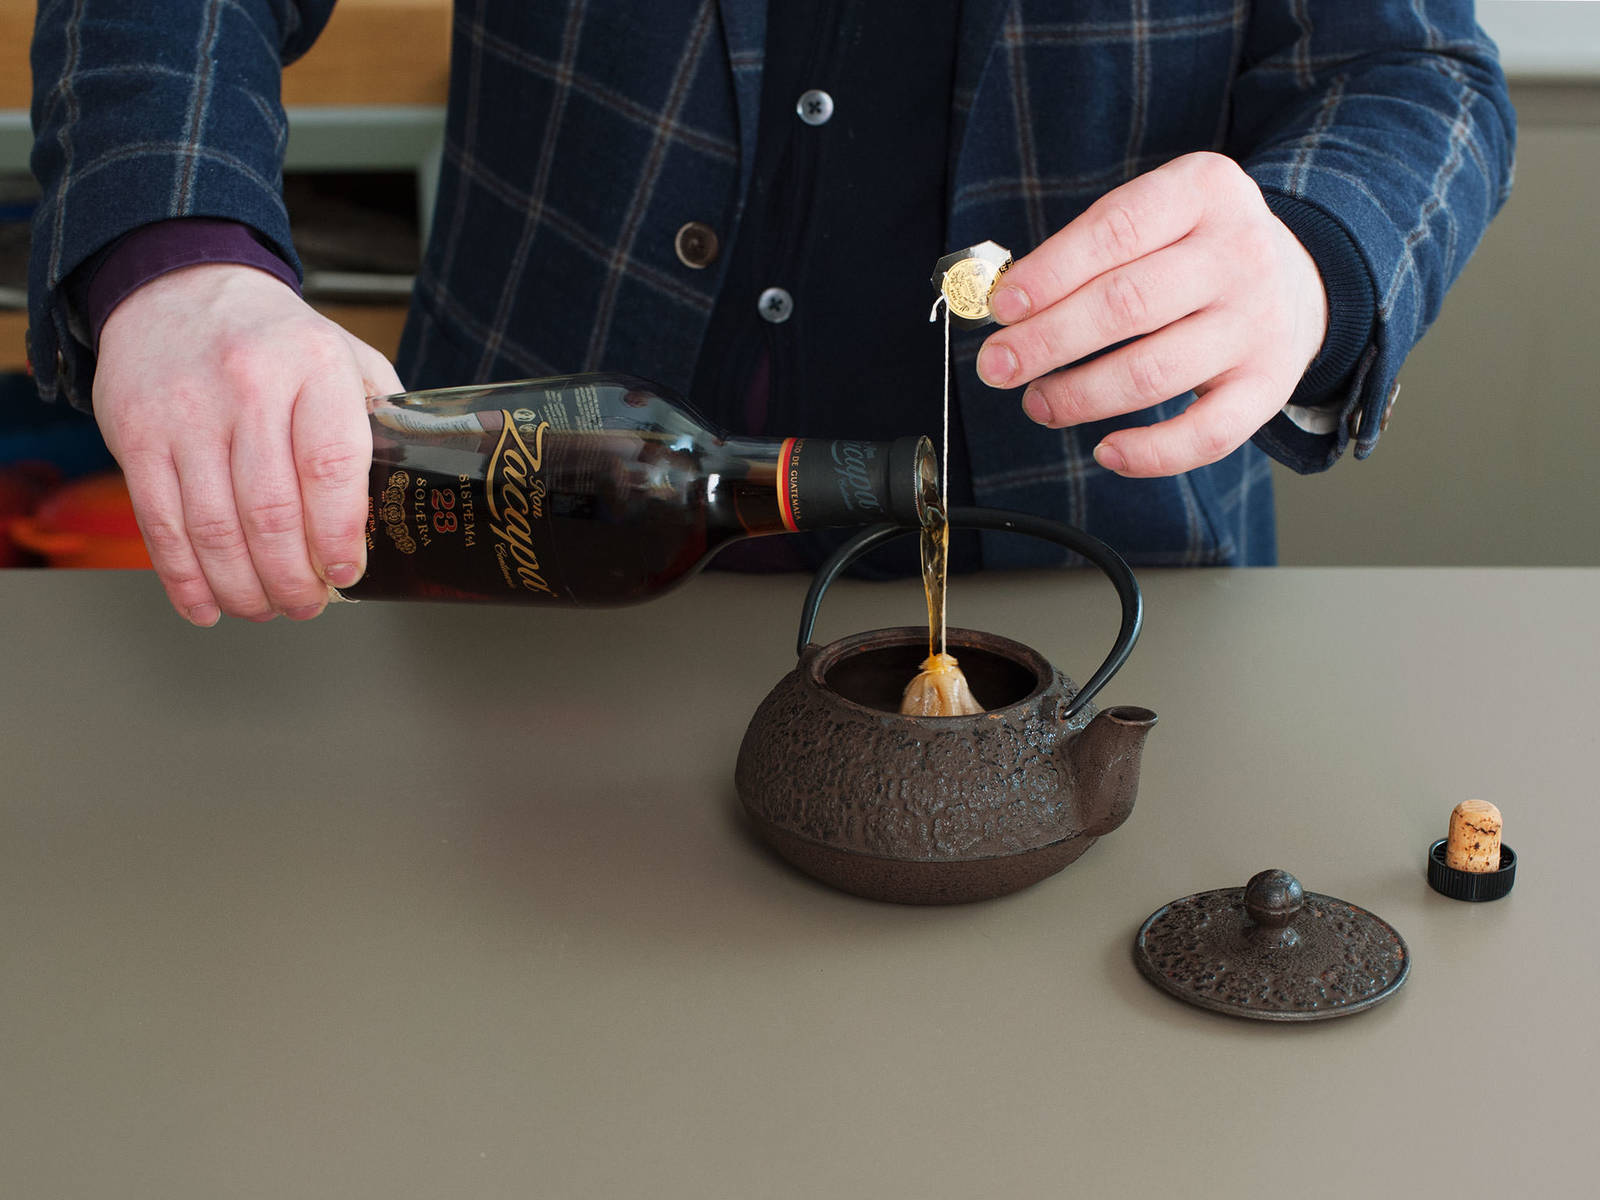 用朗姆酒泡开格雷伯爵茶,约需3-5分钟,取出茶包。